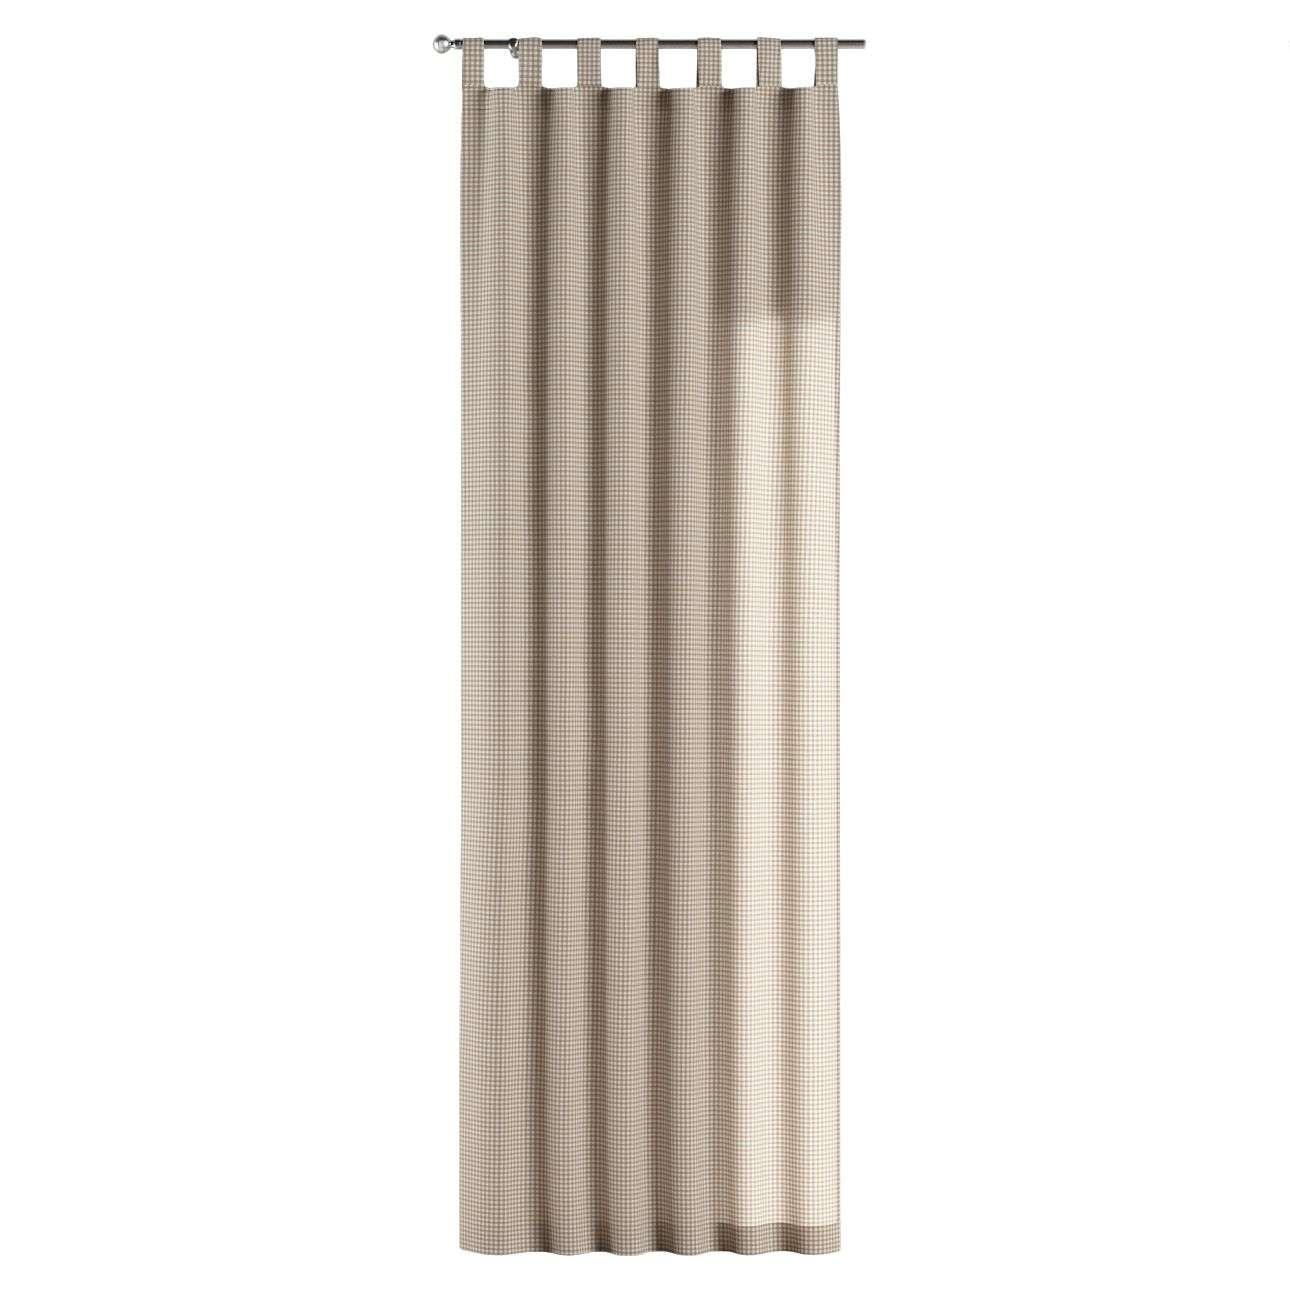 Závěs na poutka 130 x 260 cm v kolekci Quadro, látka: 136-05